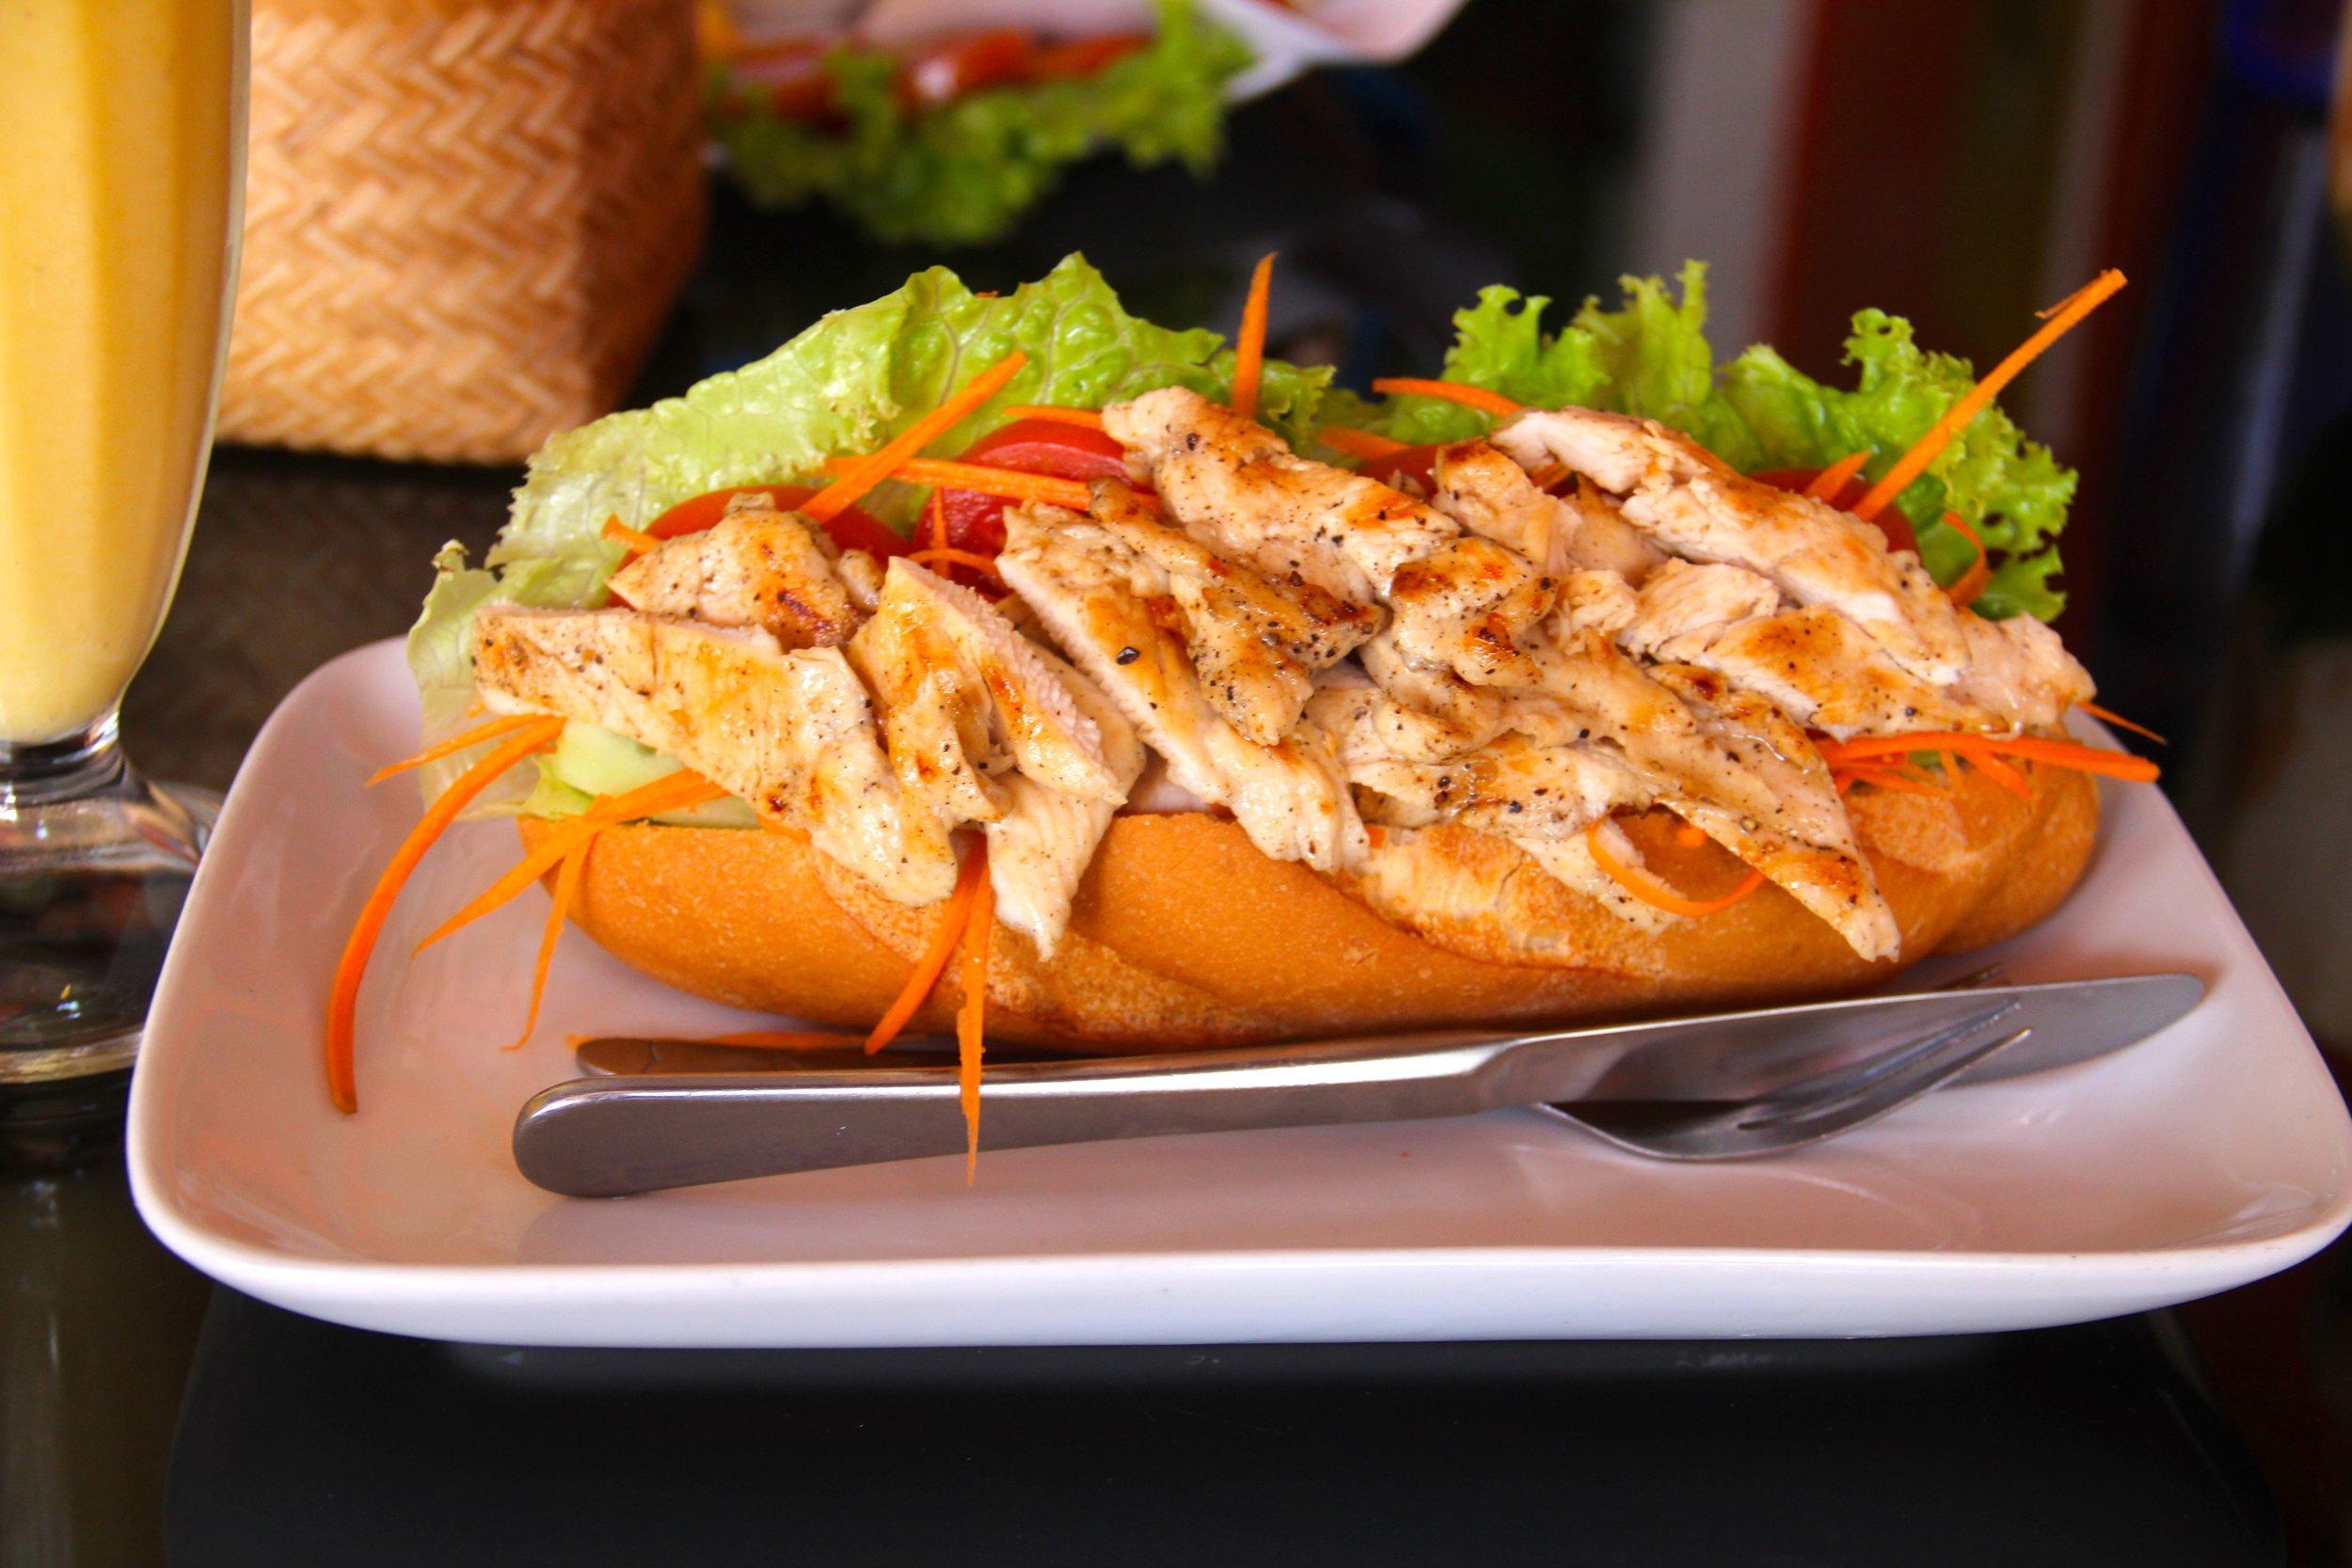 Chicken Sandwich, Noy's Fruit Heaven, Vientiane, Laos